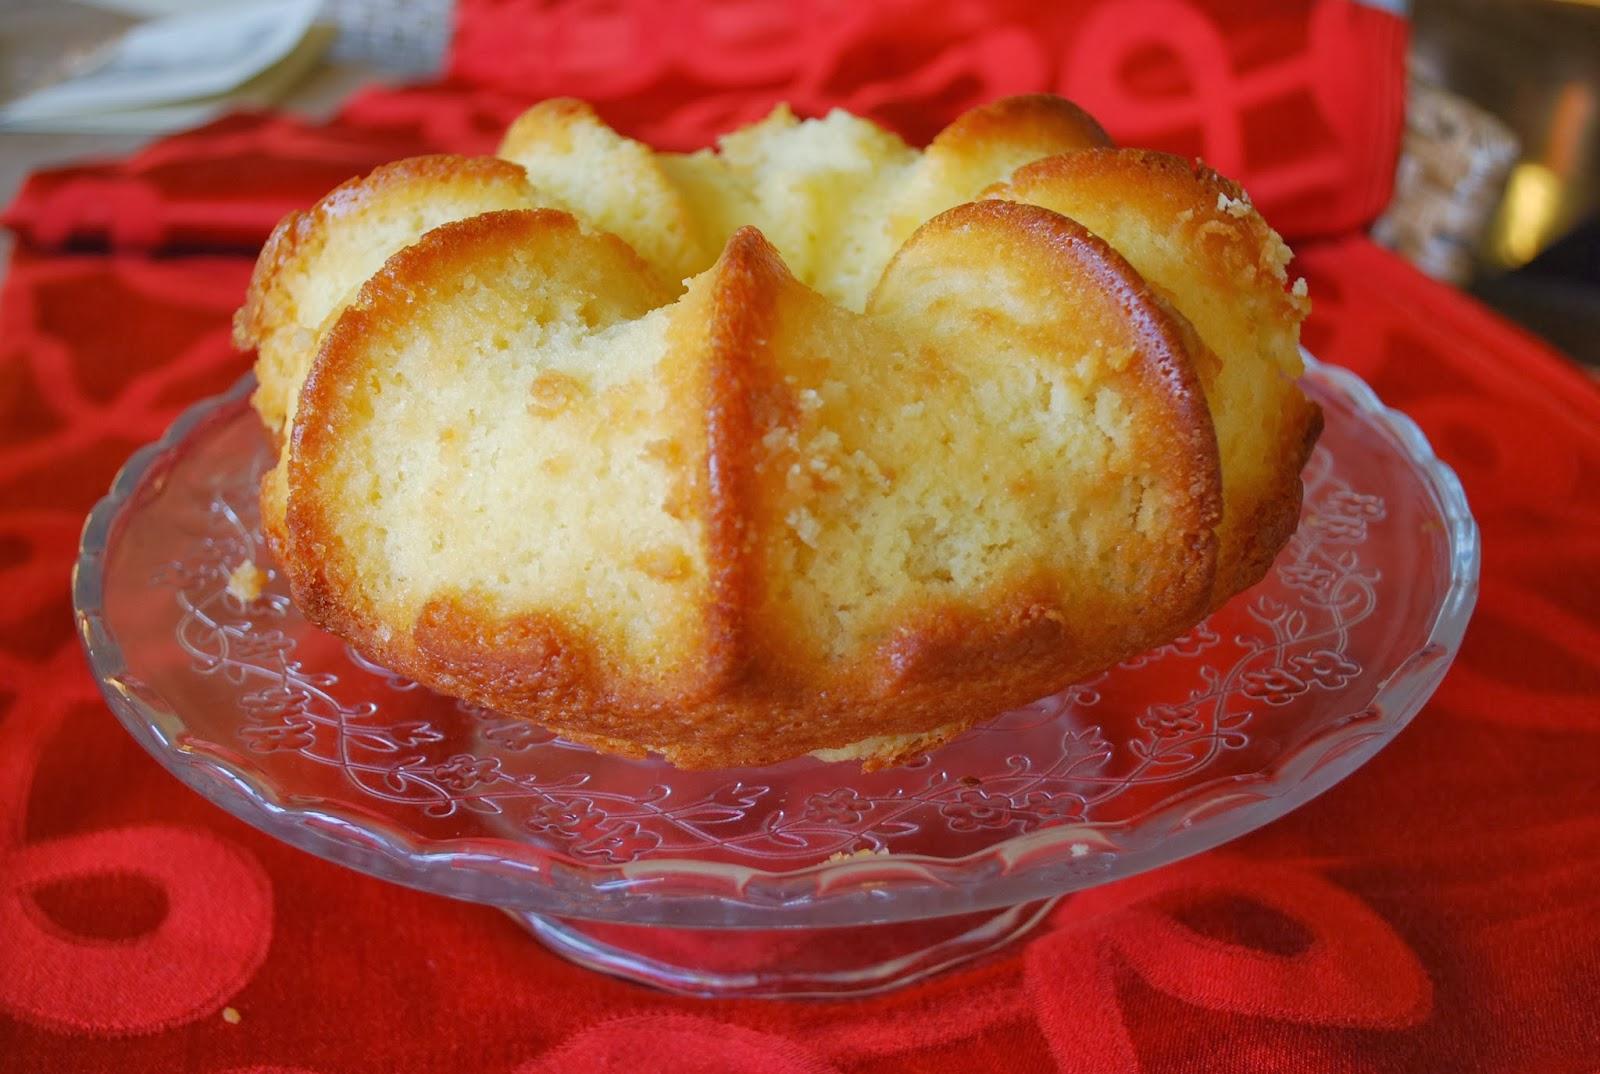 Torte Da Credenza Ricette : La signora dei biscotti torte da credenza ciambellone allo yogurt